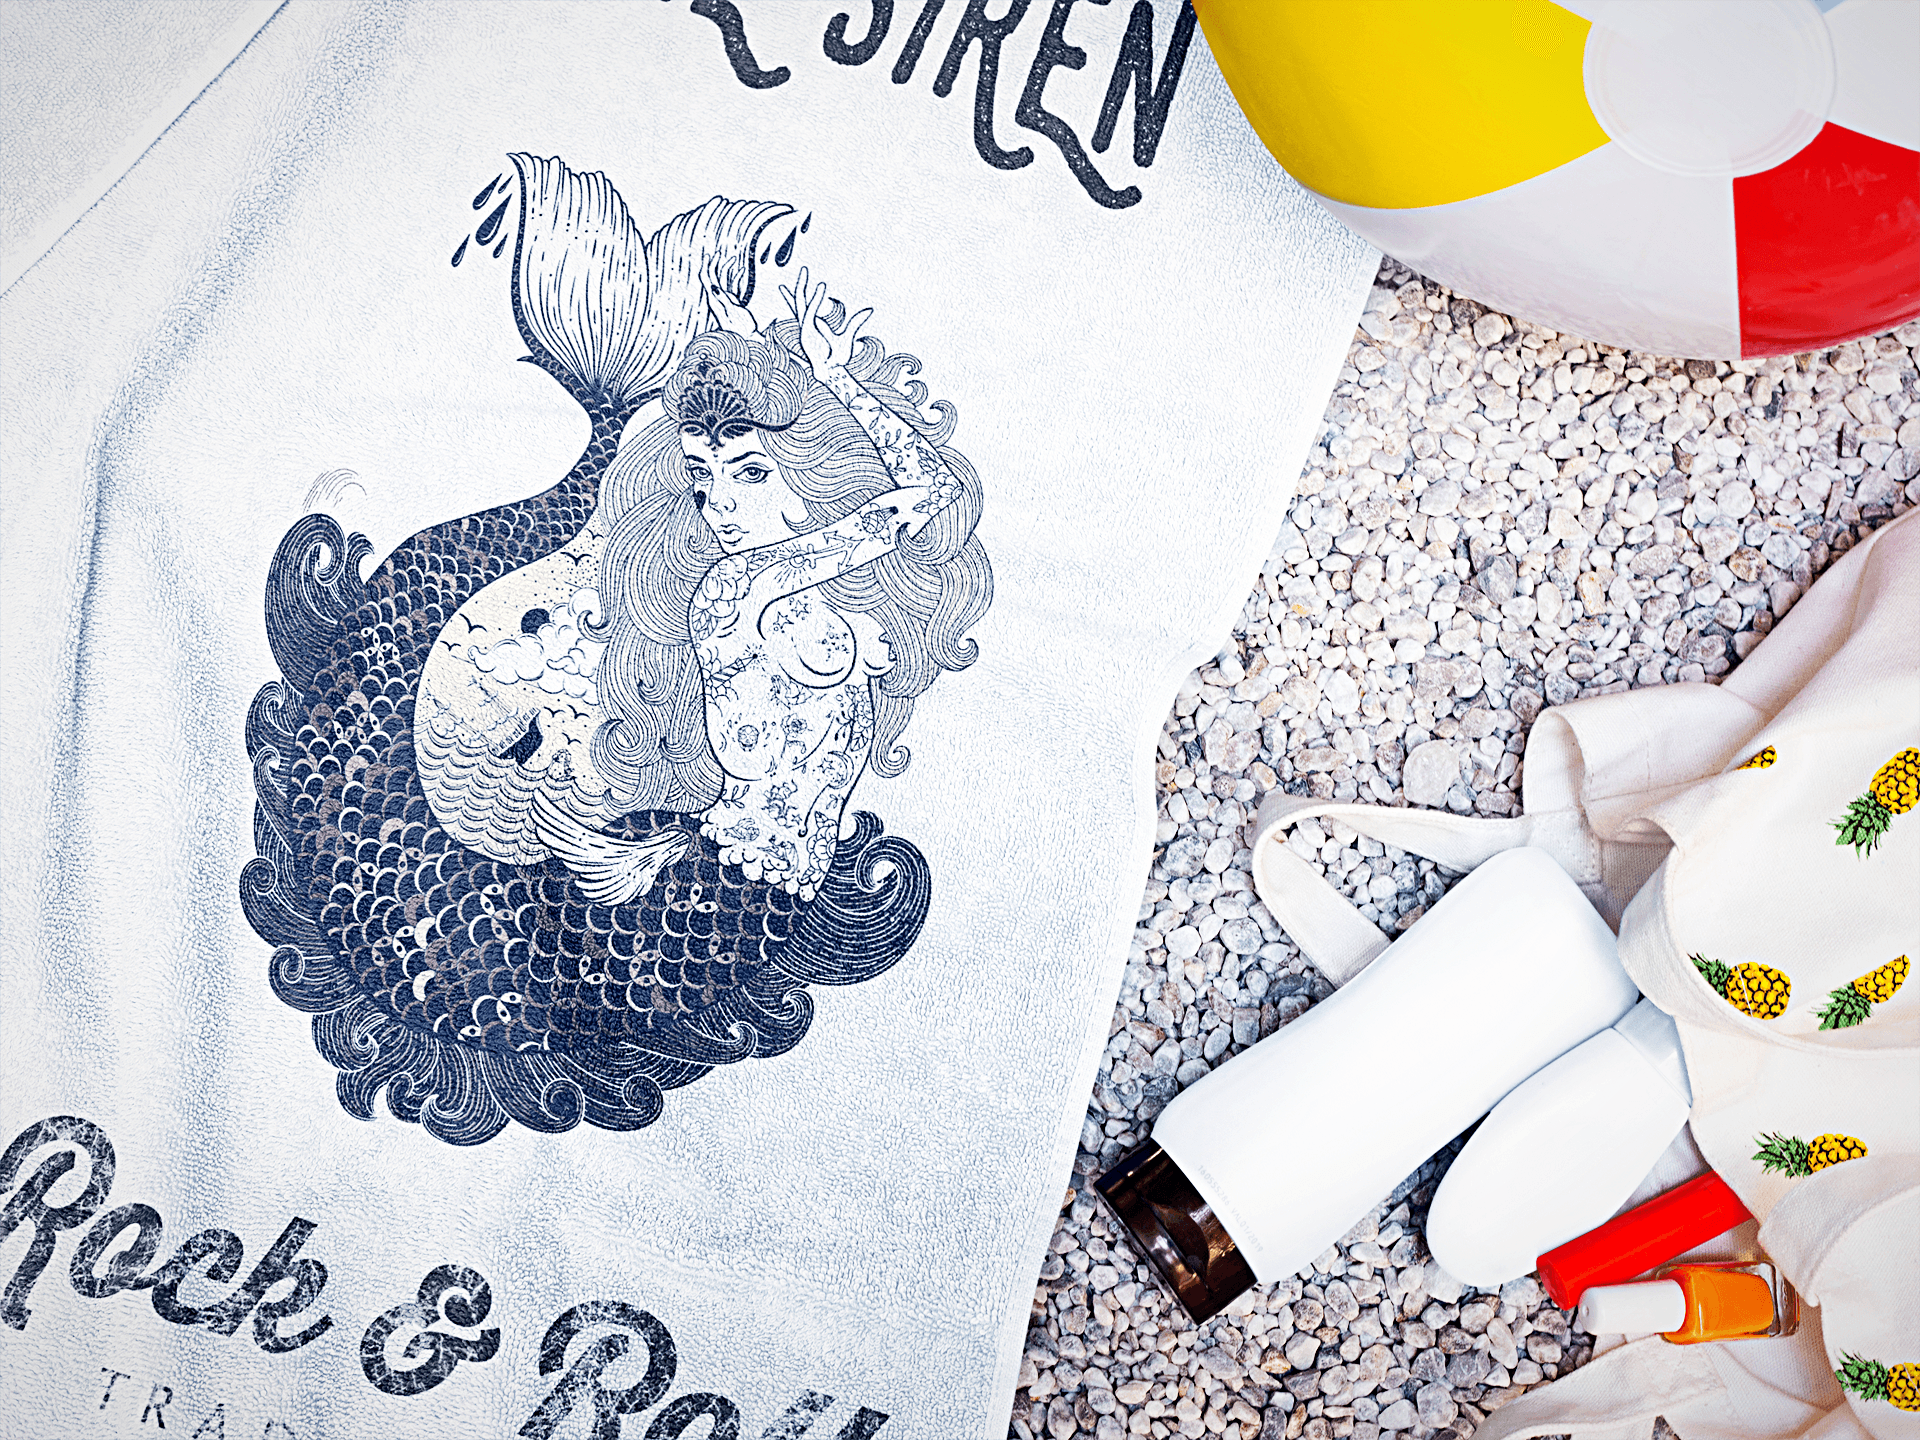 Siren Vintage Mermaid Tattoo Beach Towel Of Rock N Roll Blue